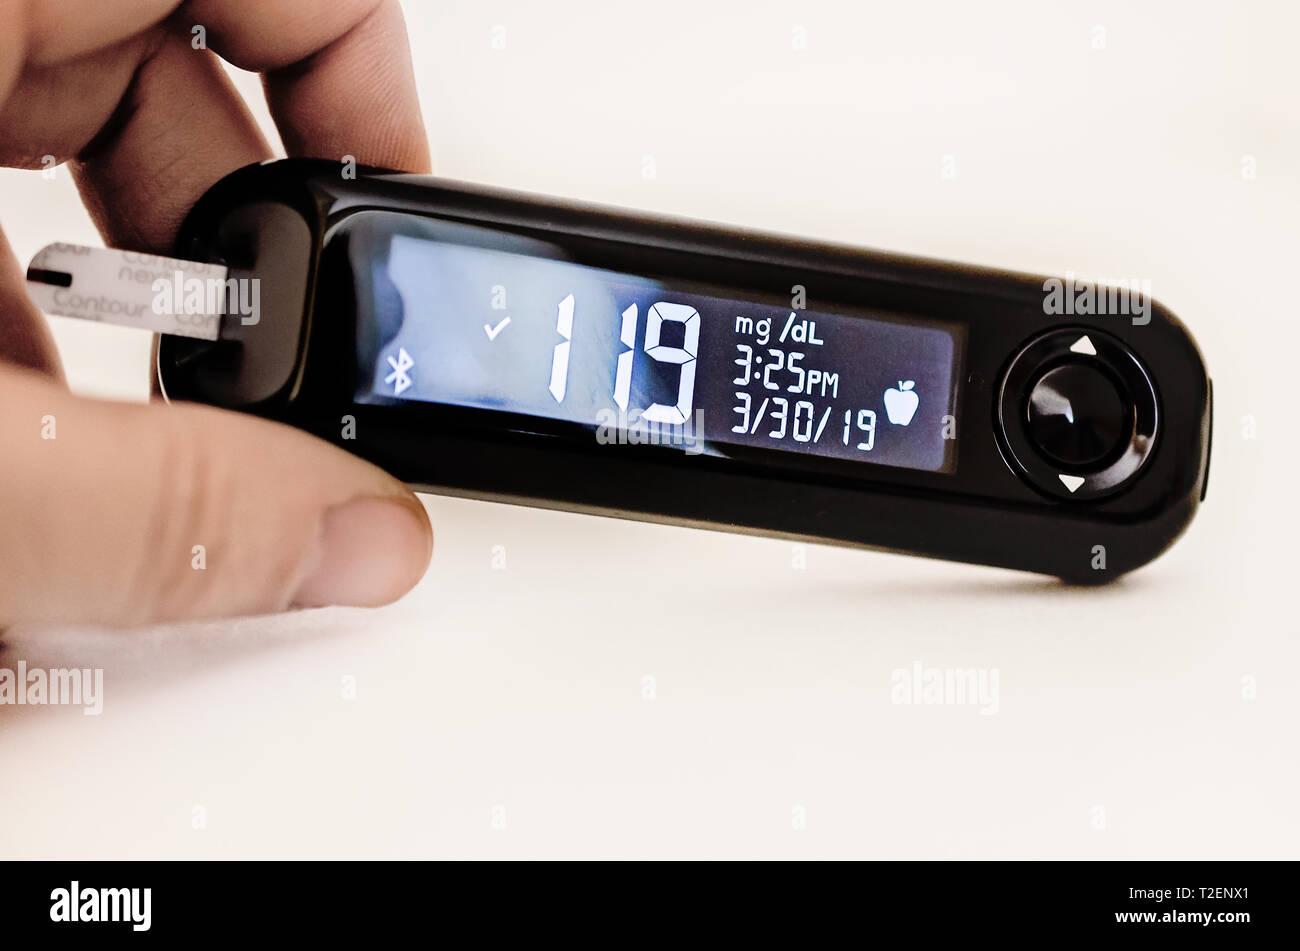 Eine Hand hält eine Kontur nächste Blutzuckermessgerät mit einem hohen Blutzuckerspiegel Messwert von 119 vor einer Mahlzeit. Stockbild